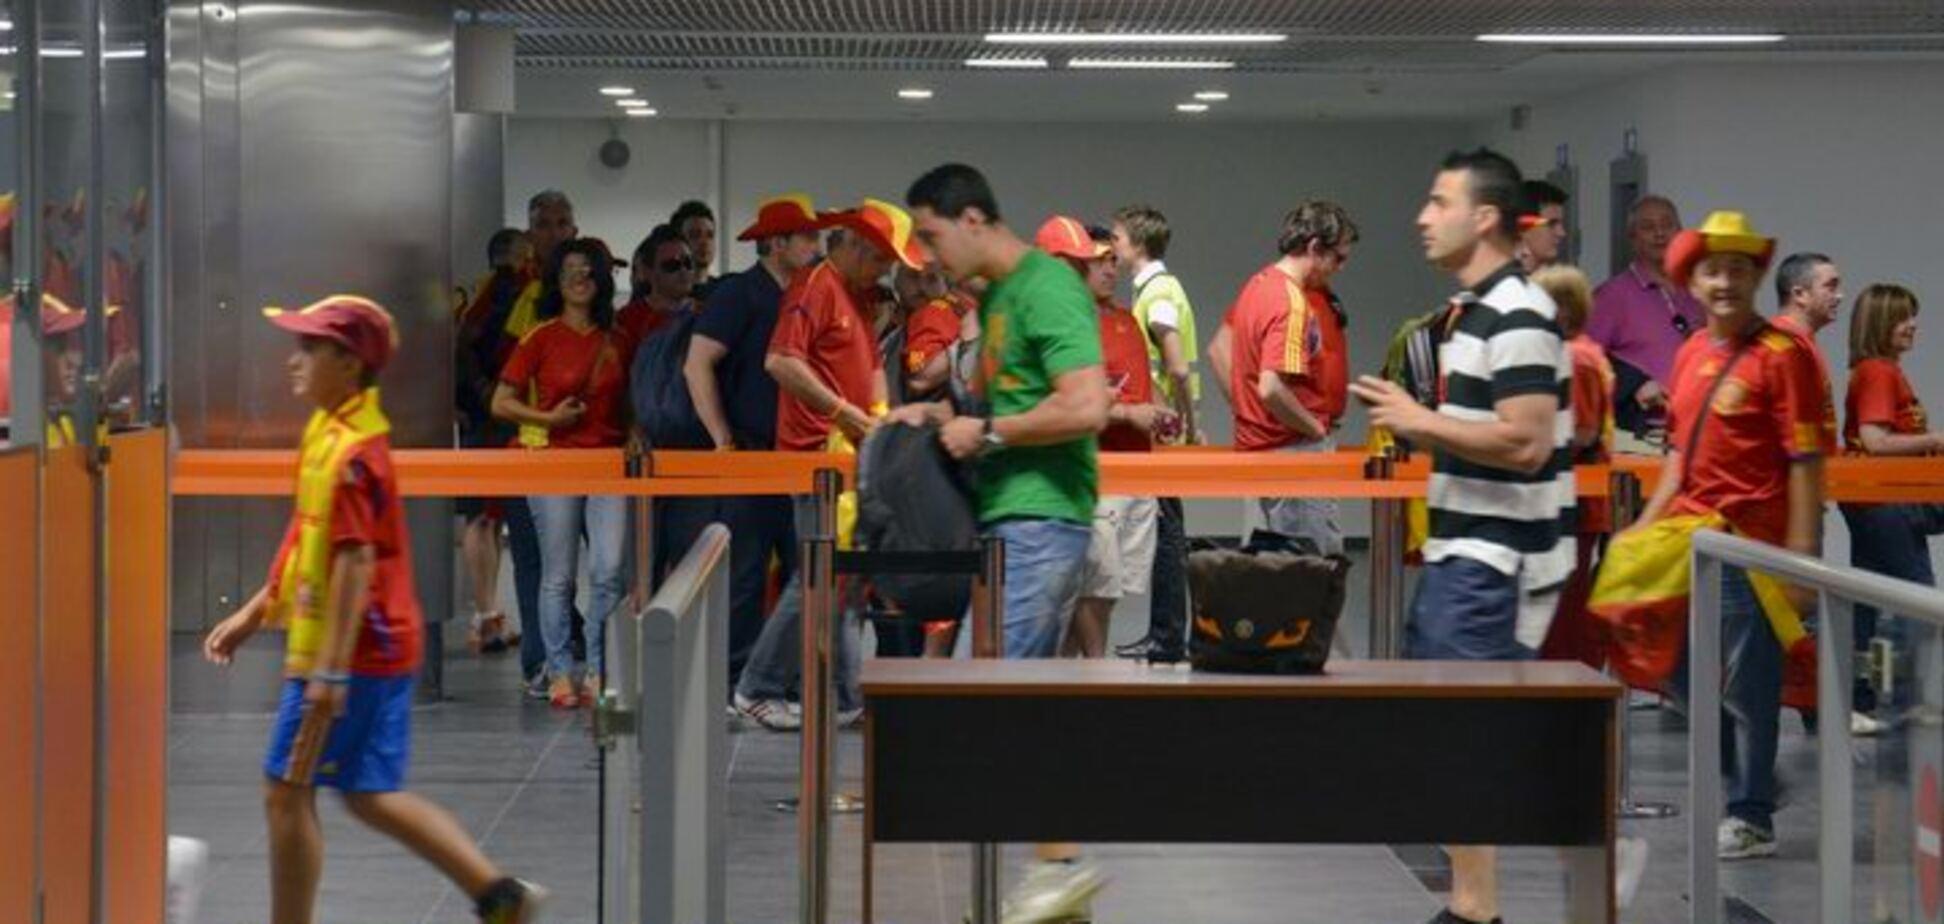 Виїзд за кордон без дозволу одного з батьків: у Мін'юсті пояснили, як це працює